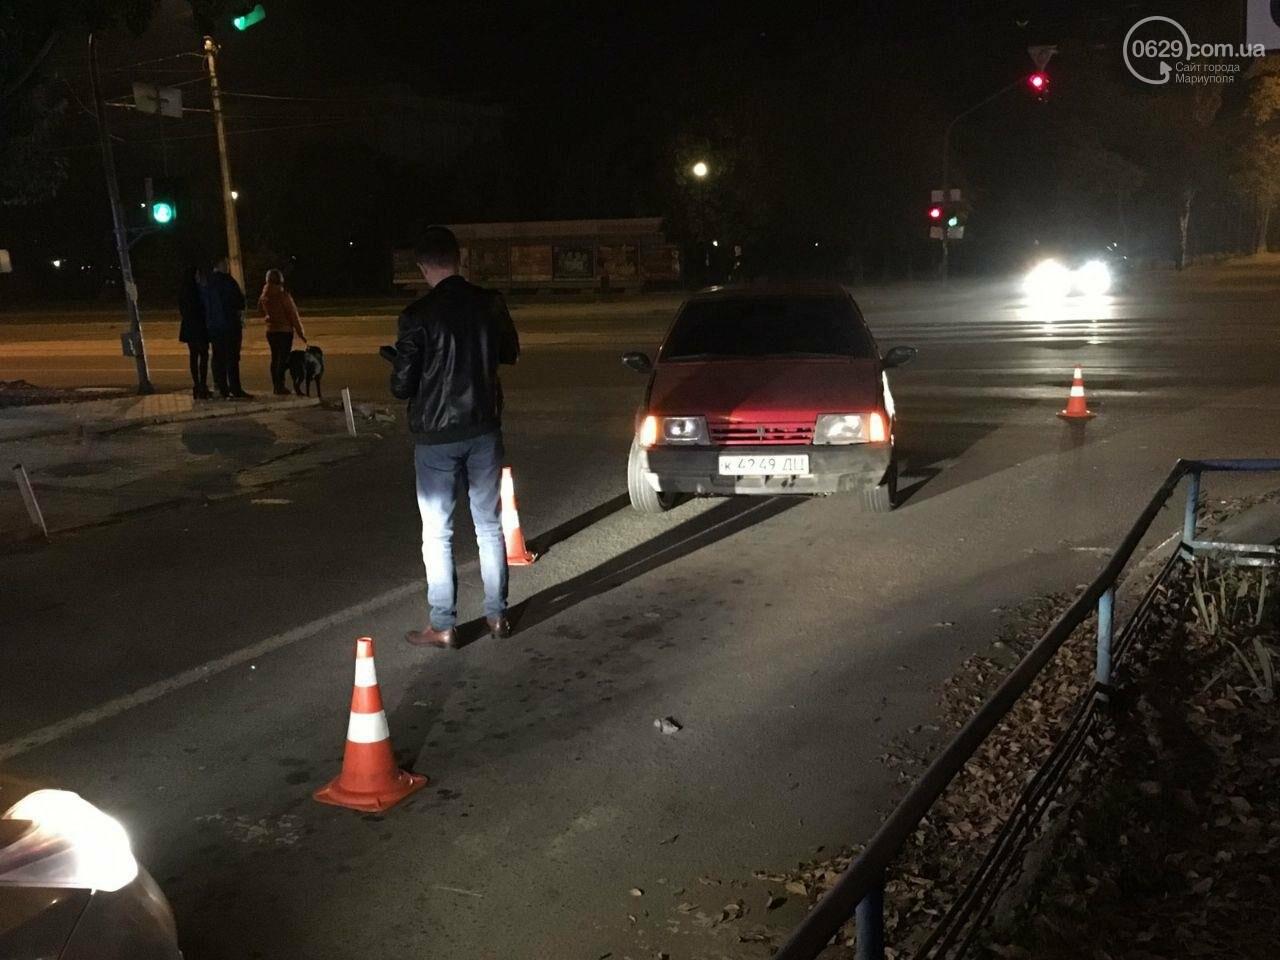 В Мариуполе на пешеходном переходе сбили женщину, - ФОТО, фото-4